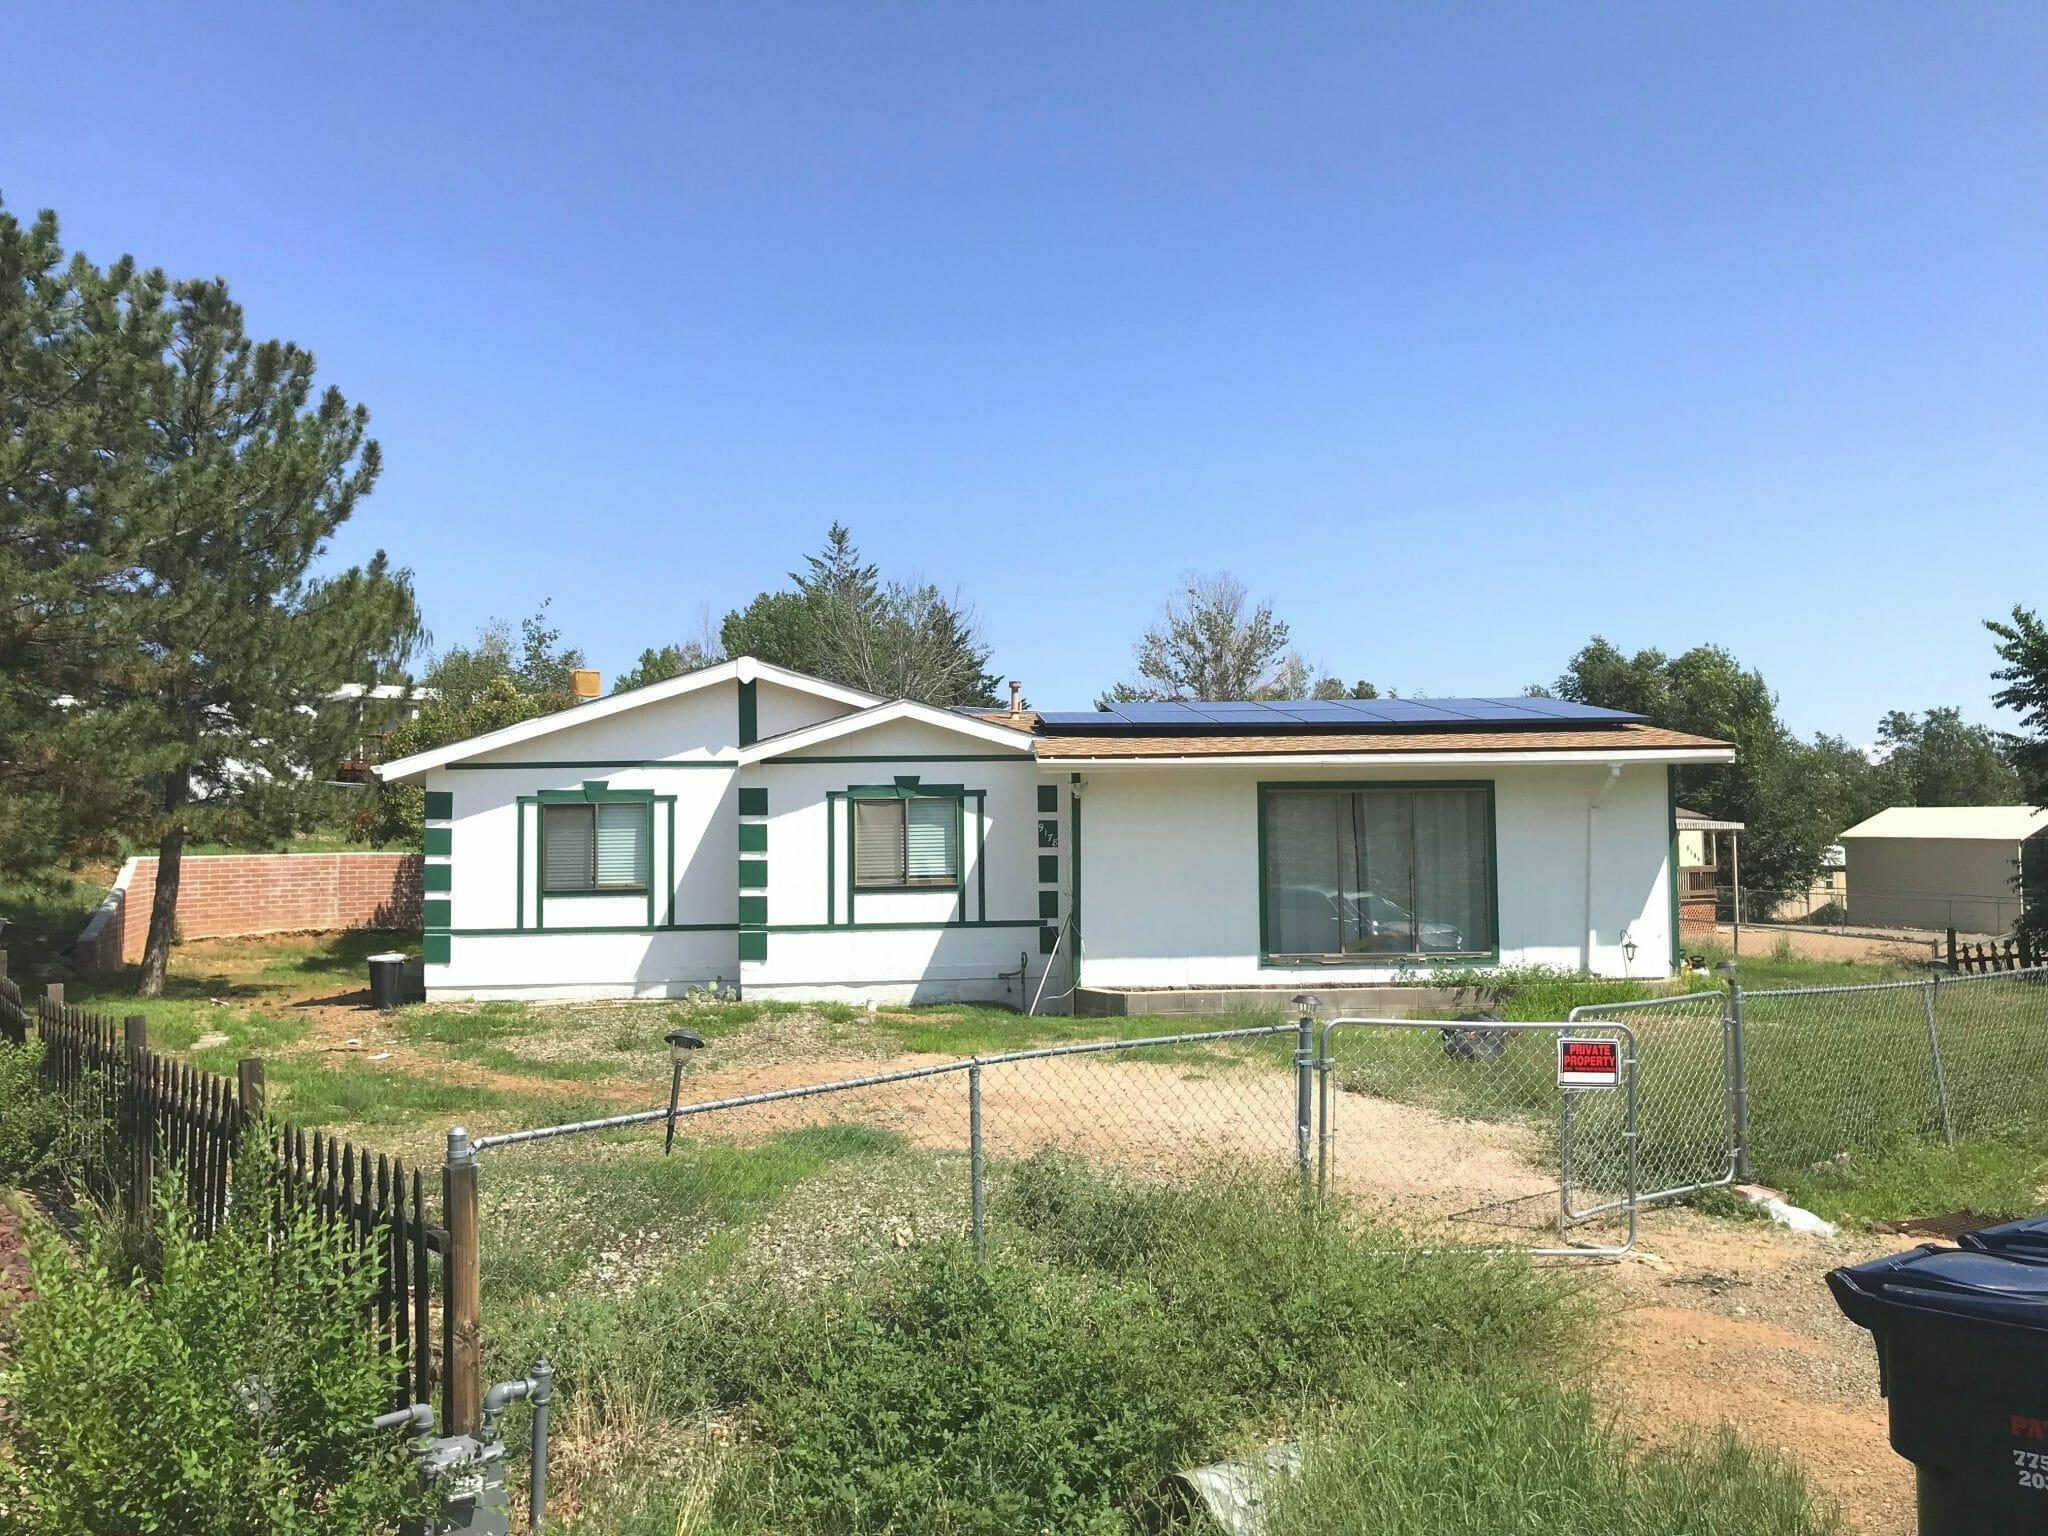 9178 E Whipsaw Ln, Prescott Valley, AZ 86314